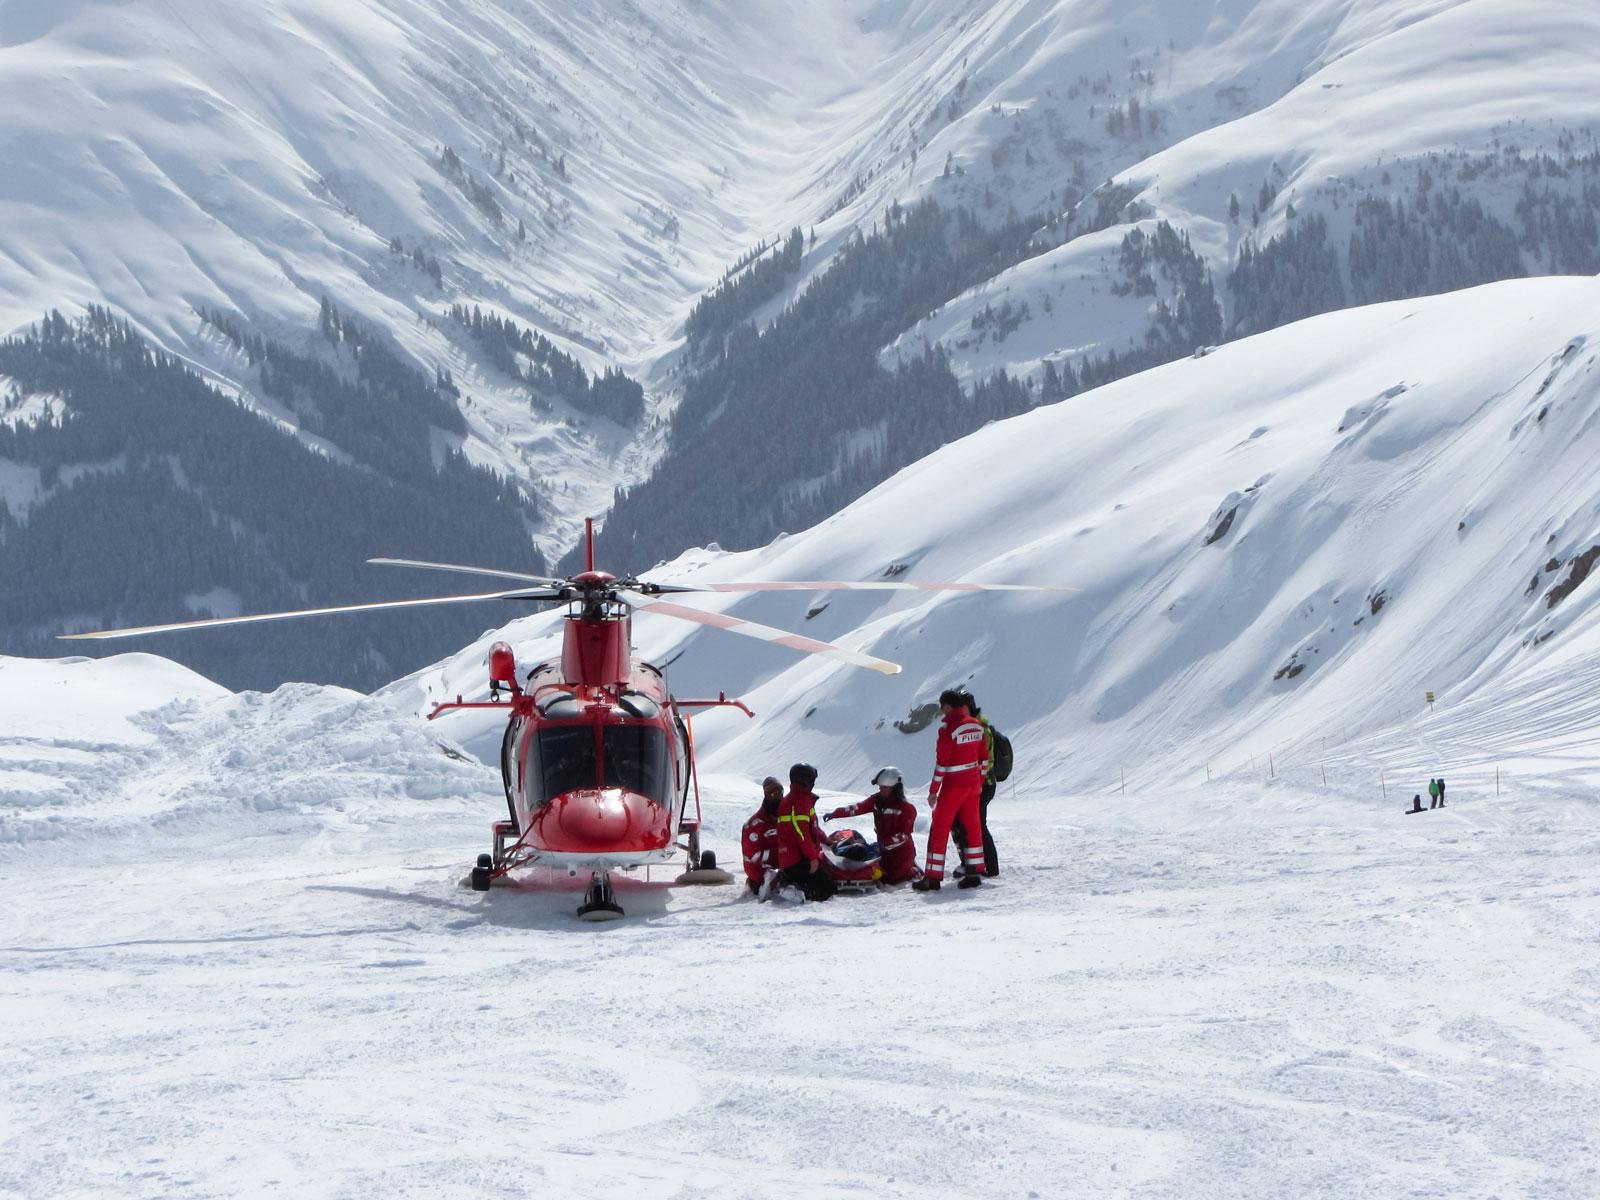 Bergrettung in den Schweizer Alpen: Nicht immer zahlt die Krankenkasse.